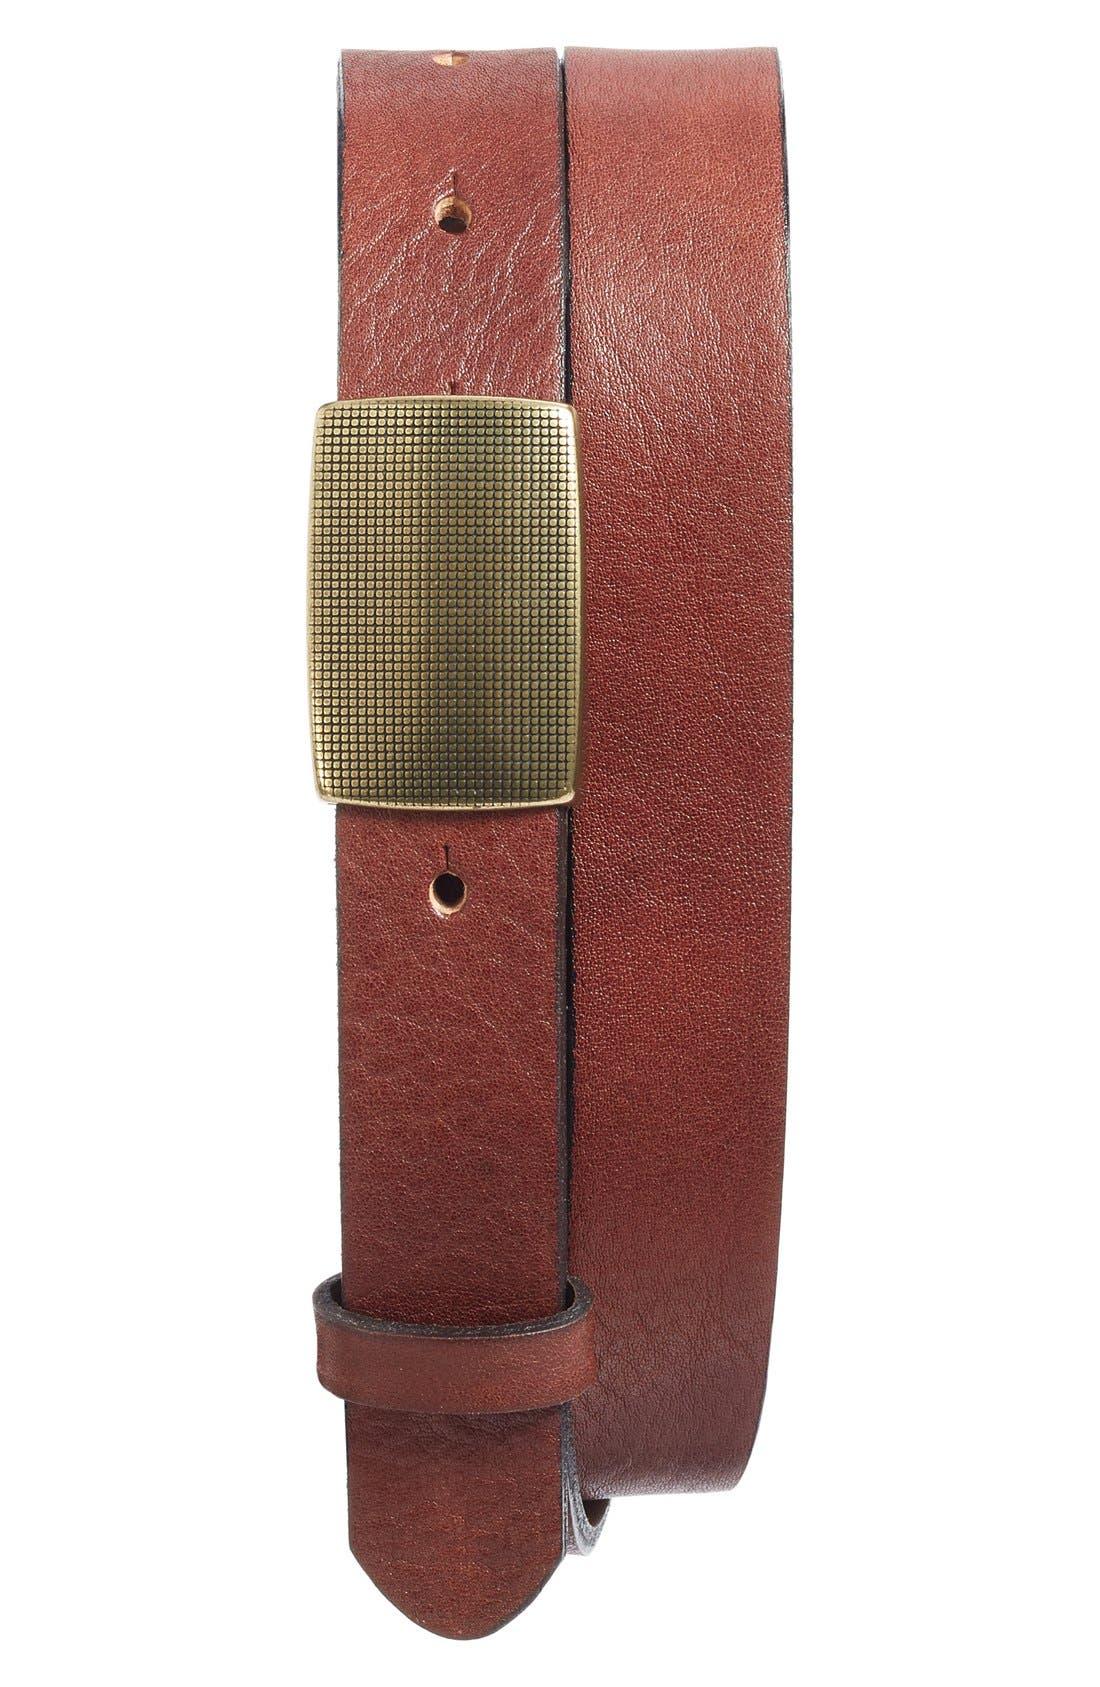 Alternate Image 1 Selected - Bosca The Donatello Leather Belt